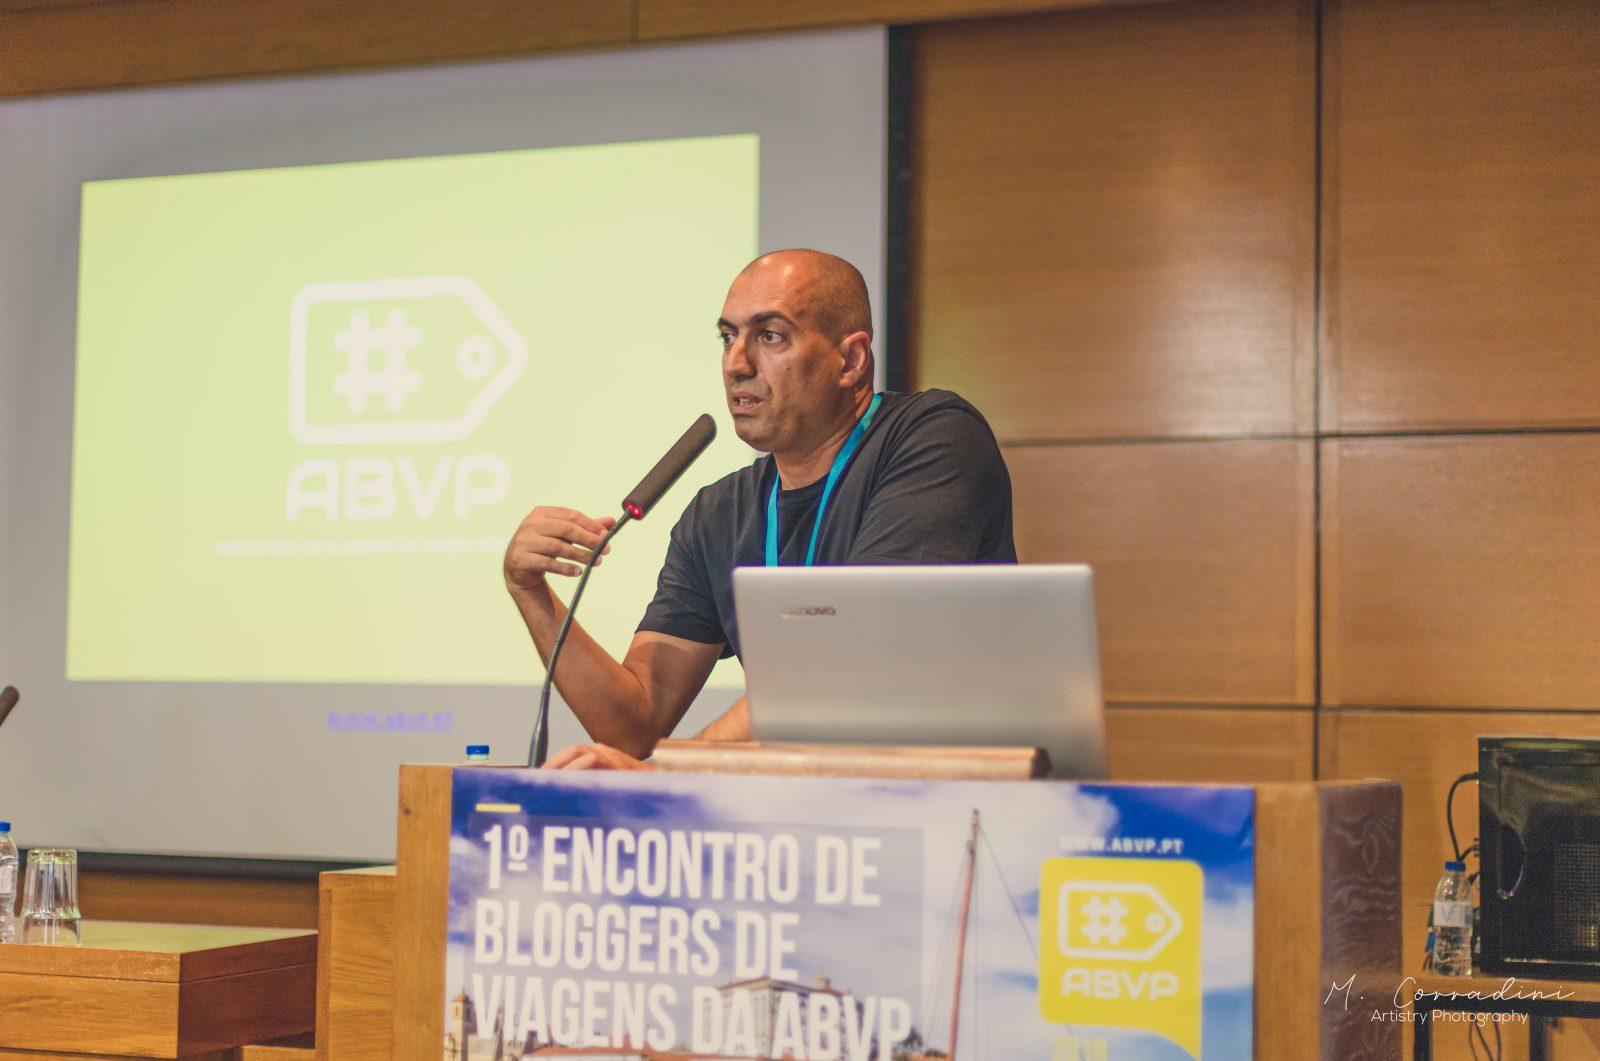 Filipe Morato Gomes